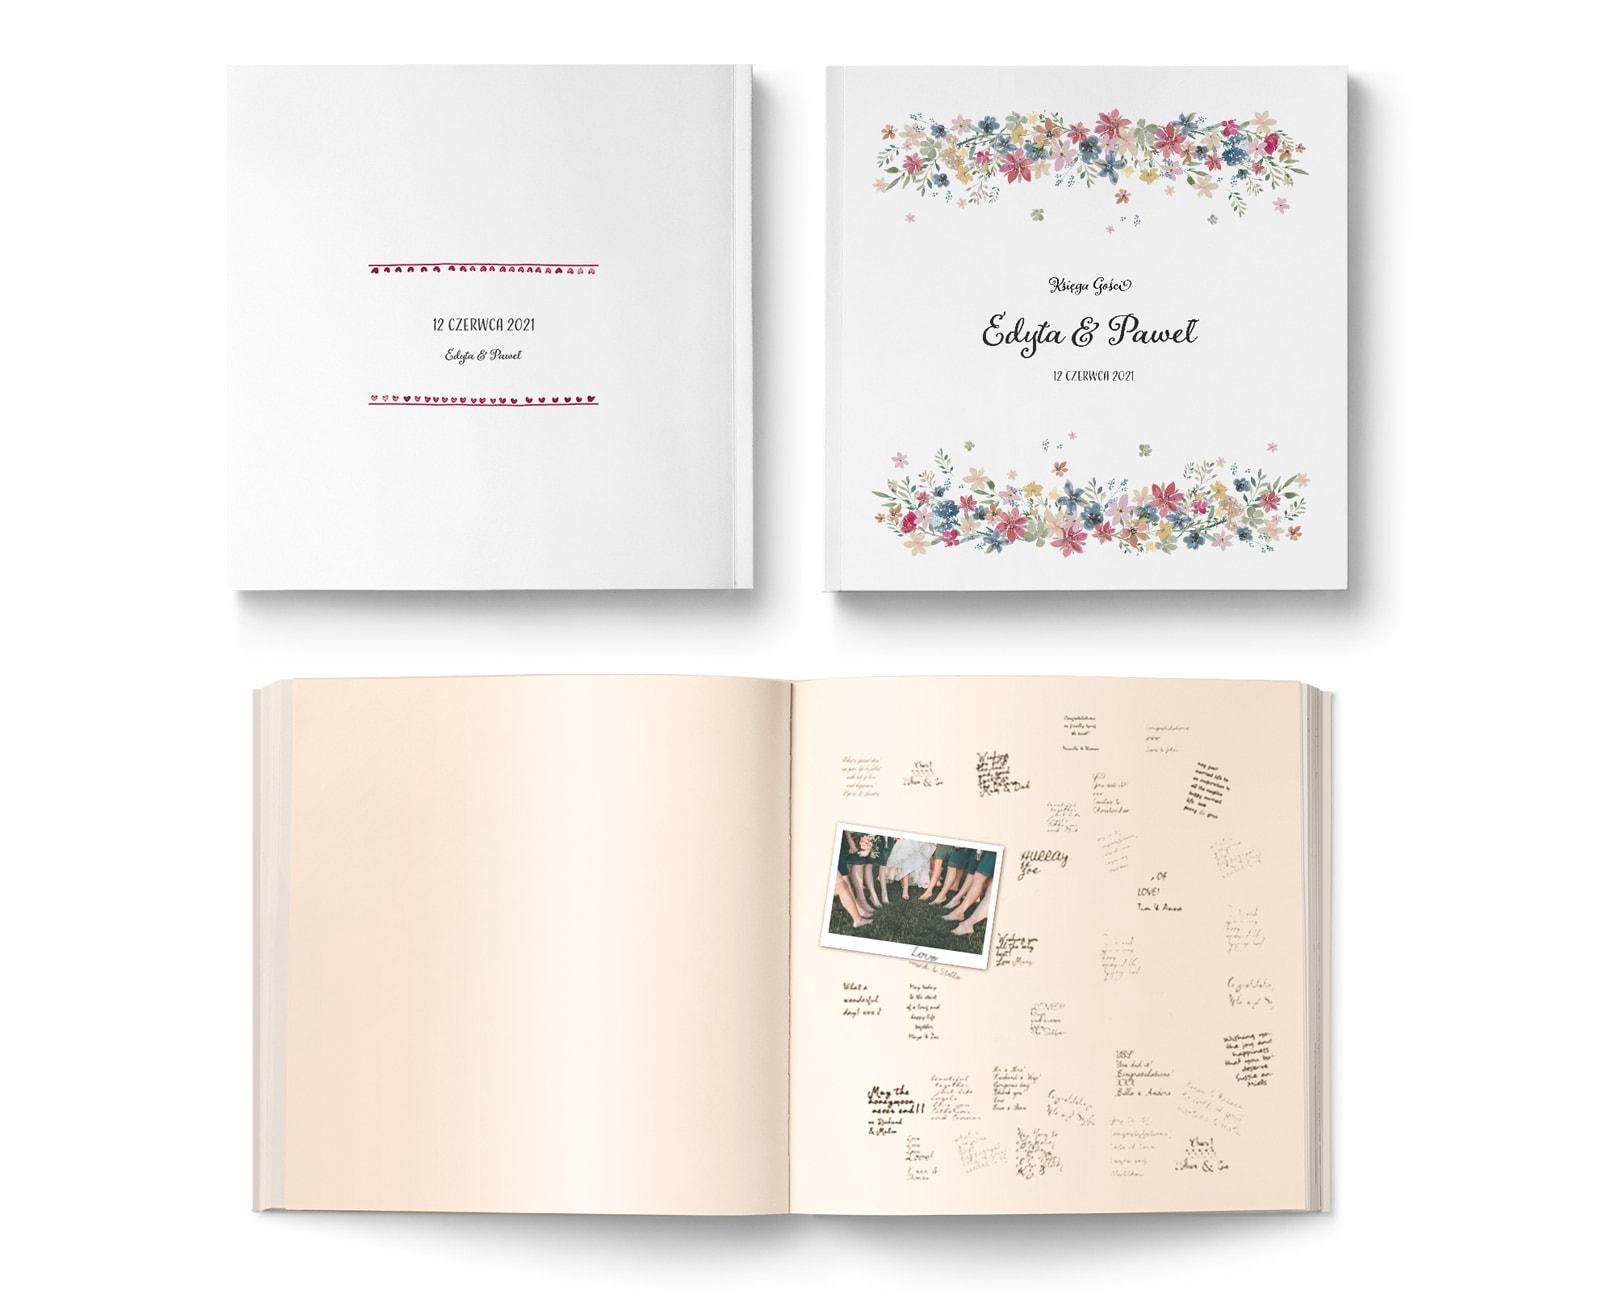 Tradycyjna księga gości, album z białą okładki i kwiatami